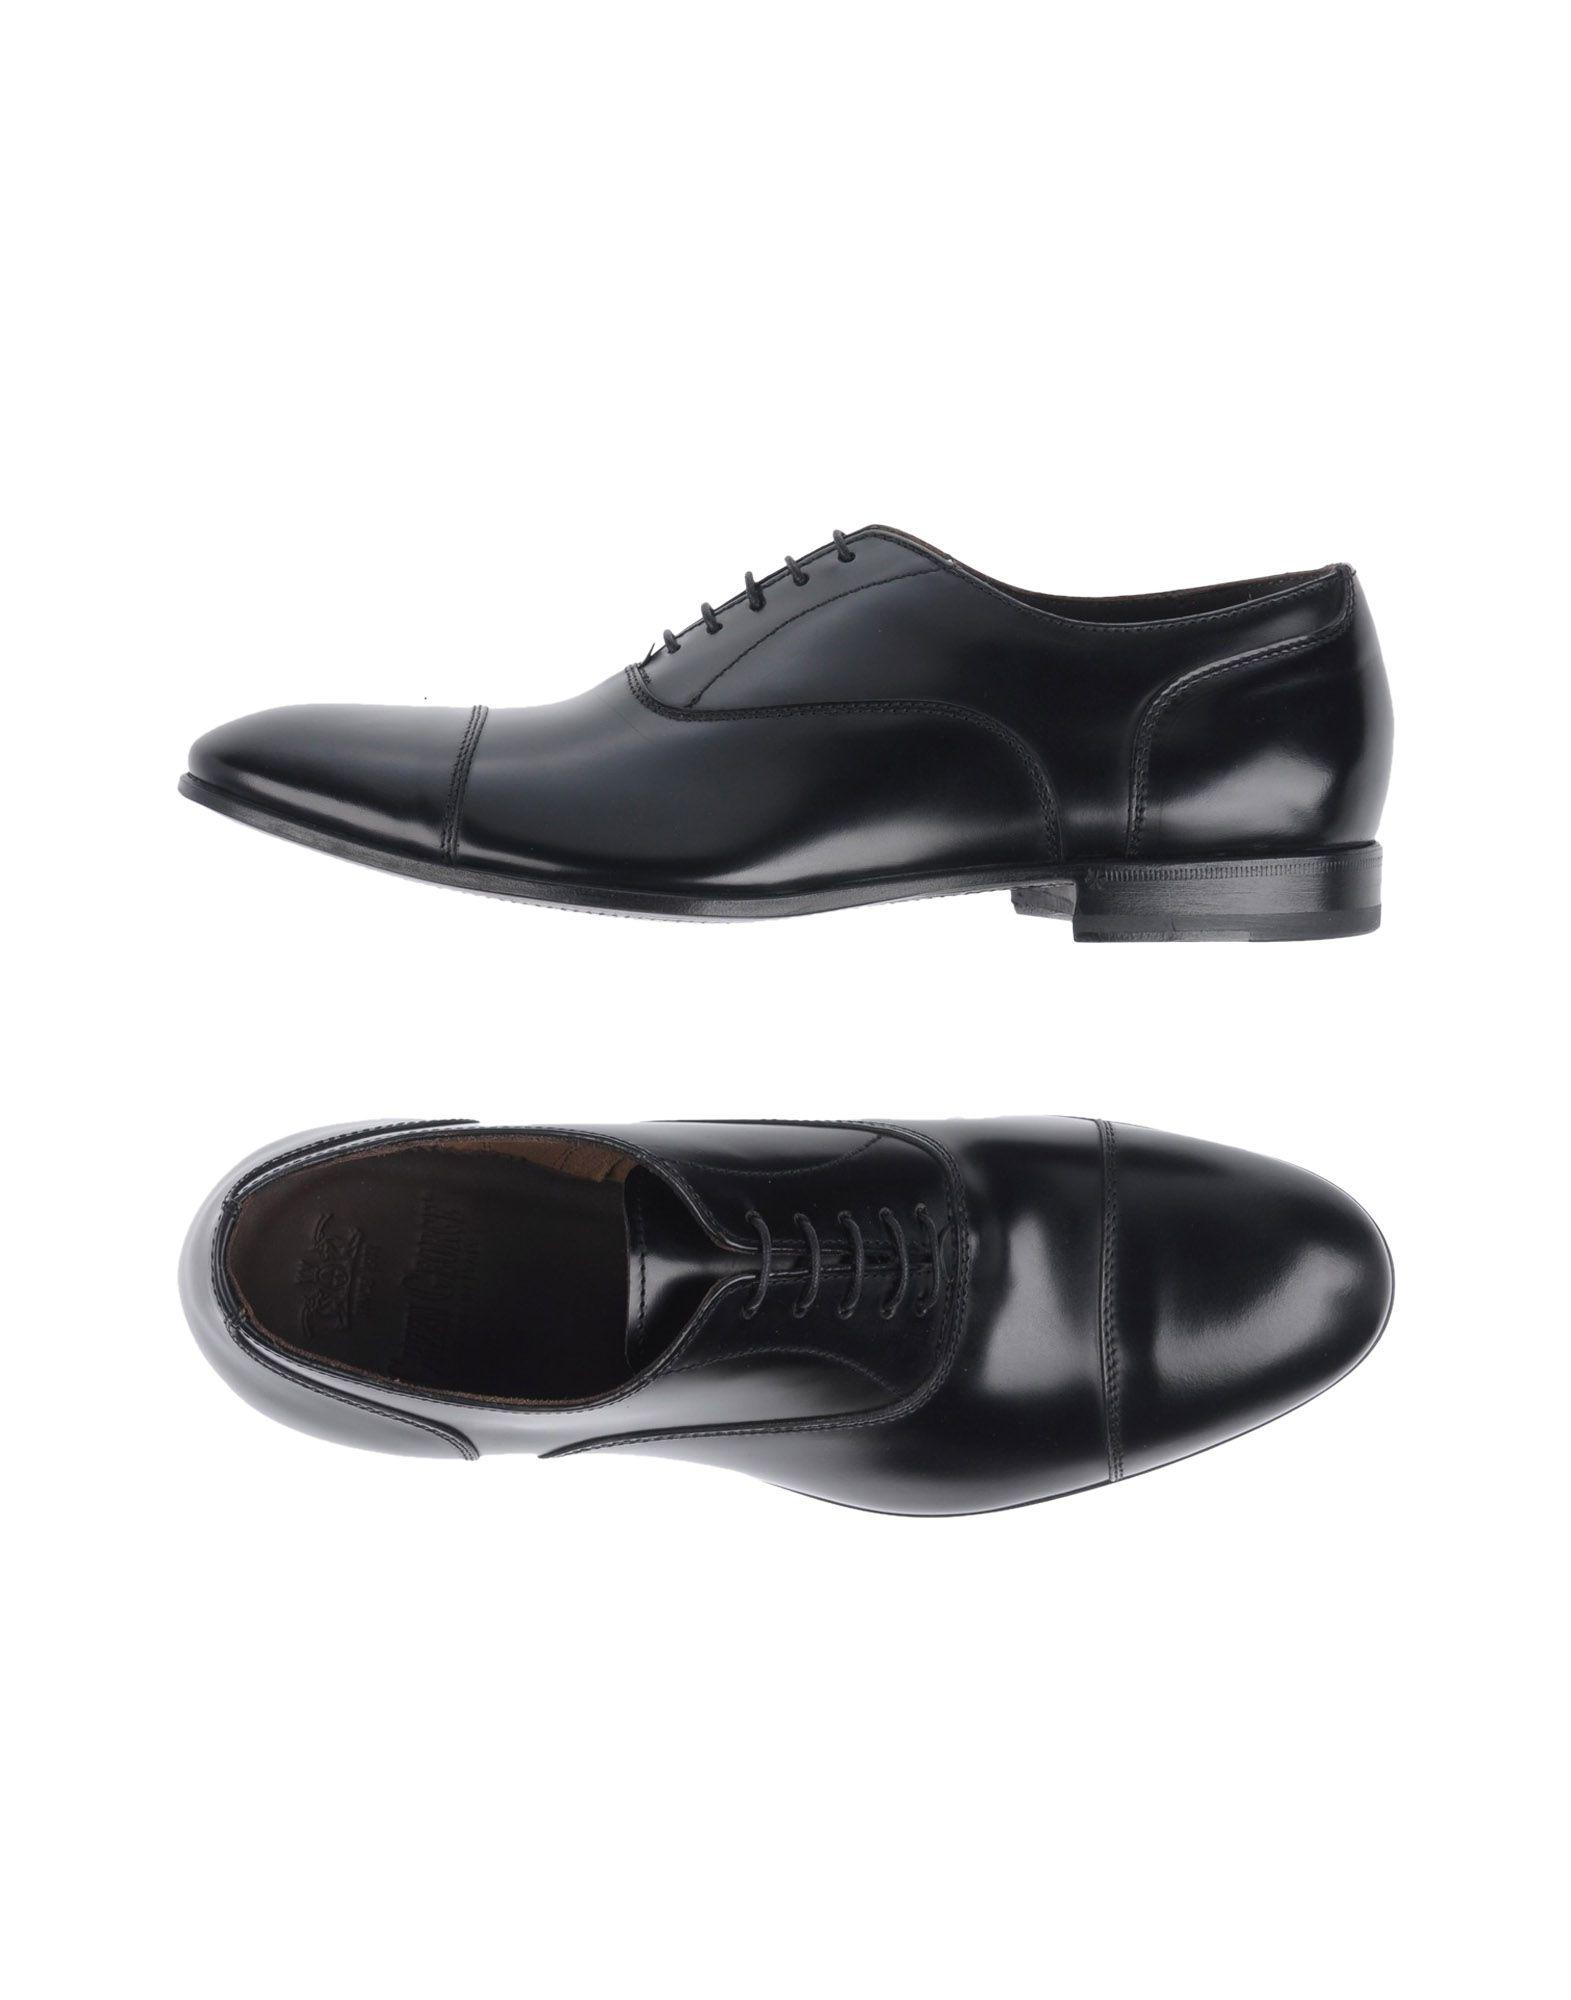 Green George Schnürschuhe Qualität Herren  11000221VB Gute Qualität Schnürschuhe beliebte Schuhe cea40e